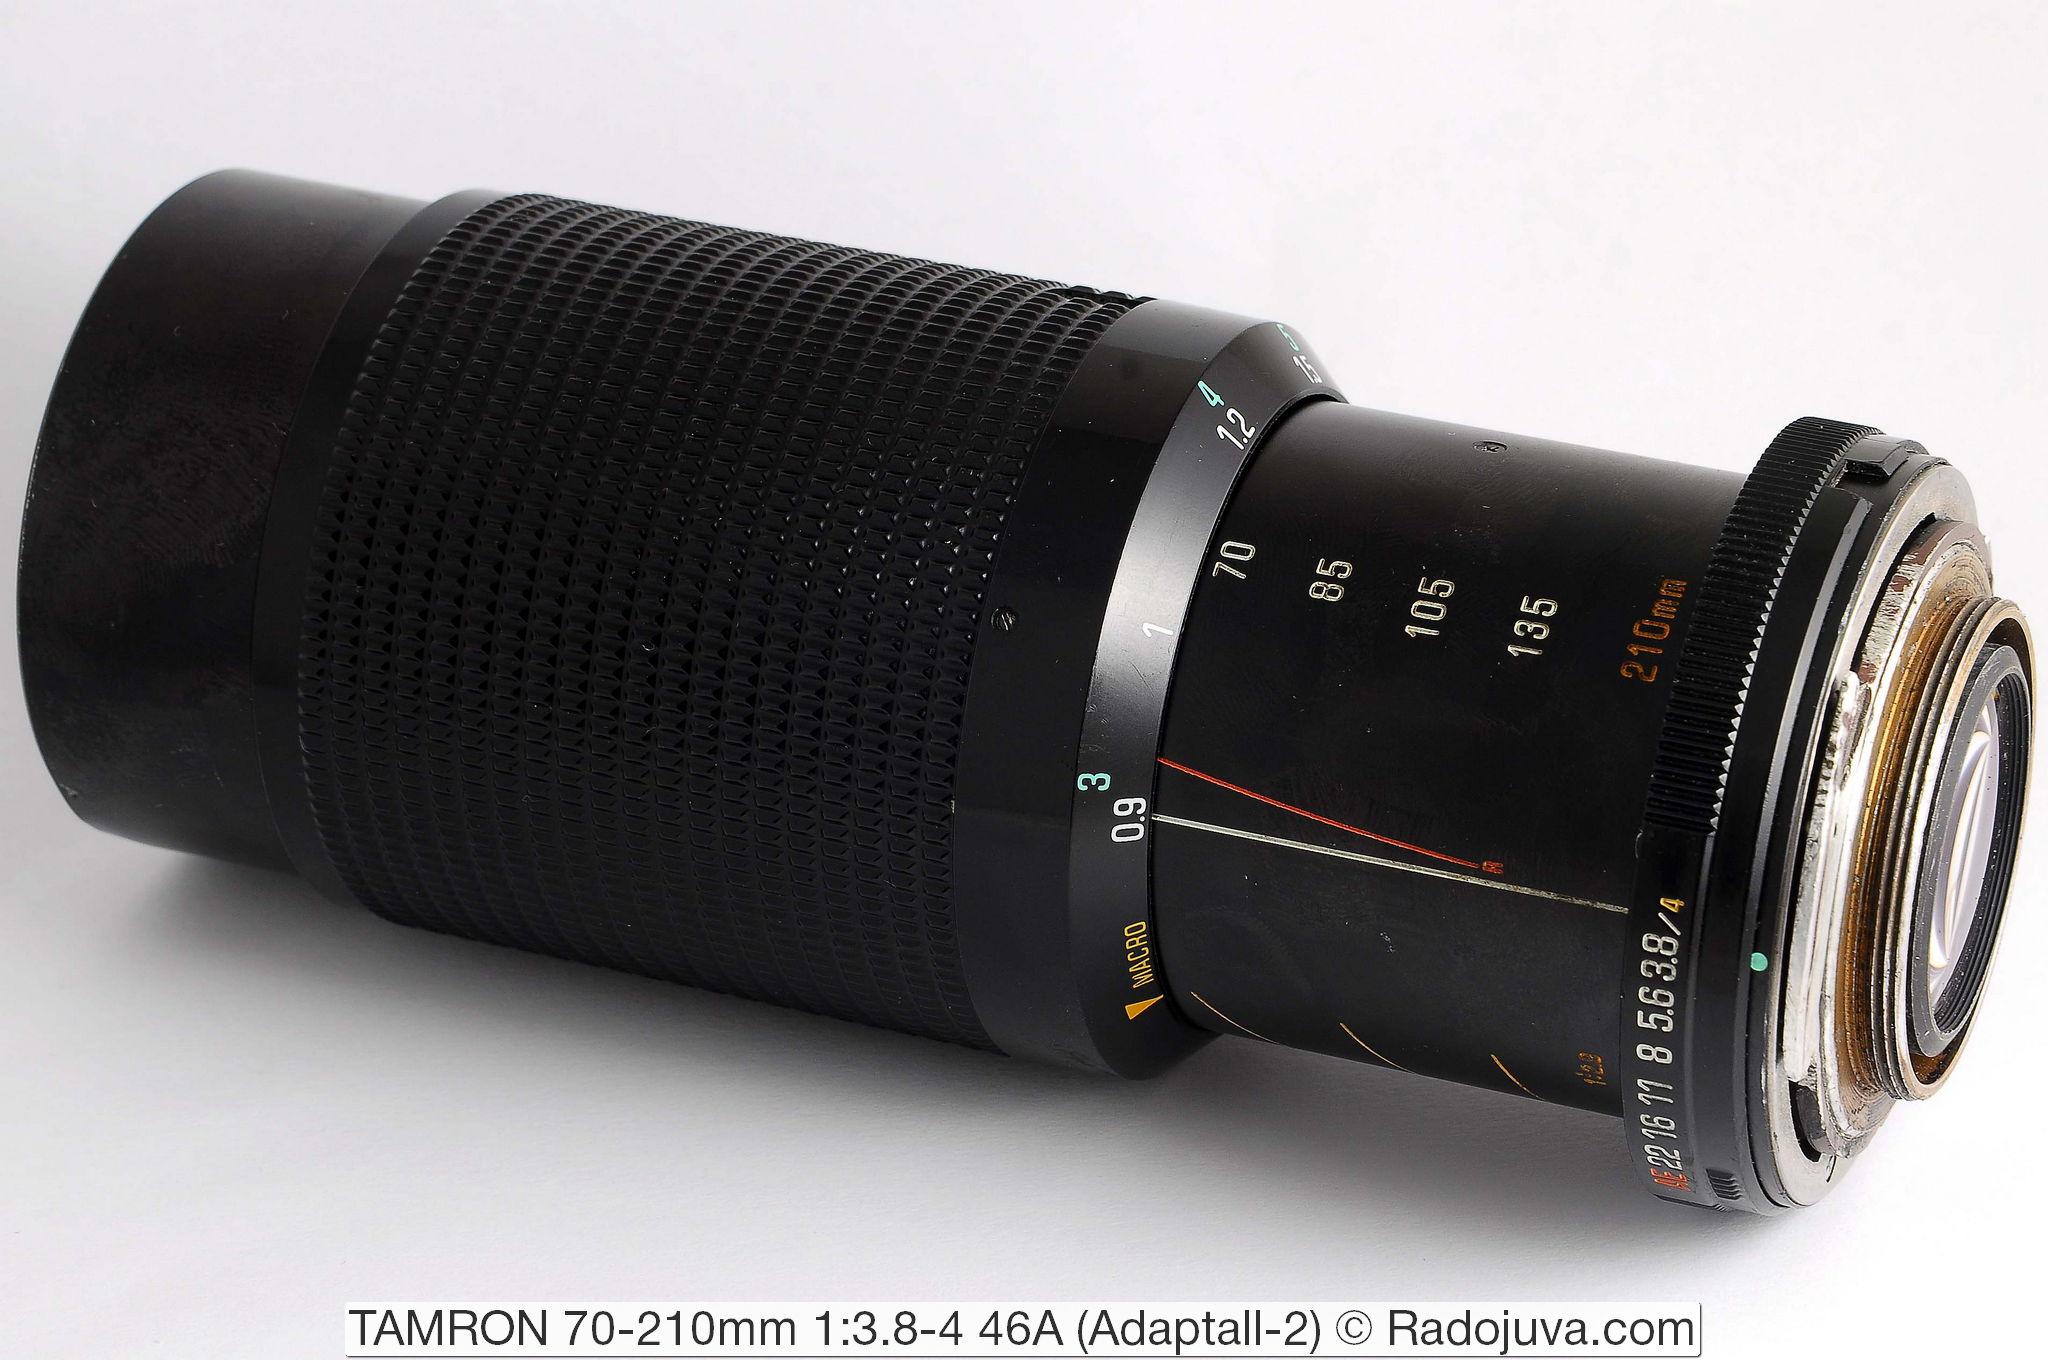 TAMRON 70-210mm 1:3.8-4 46A (Adaptall-2)